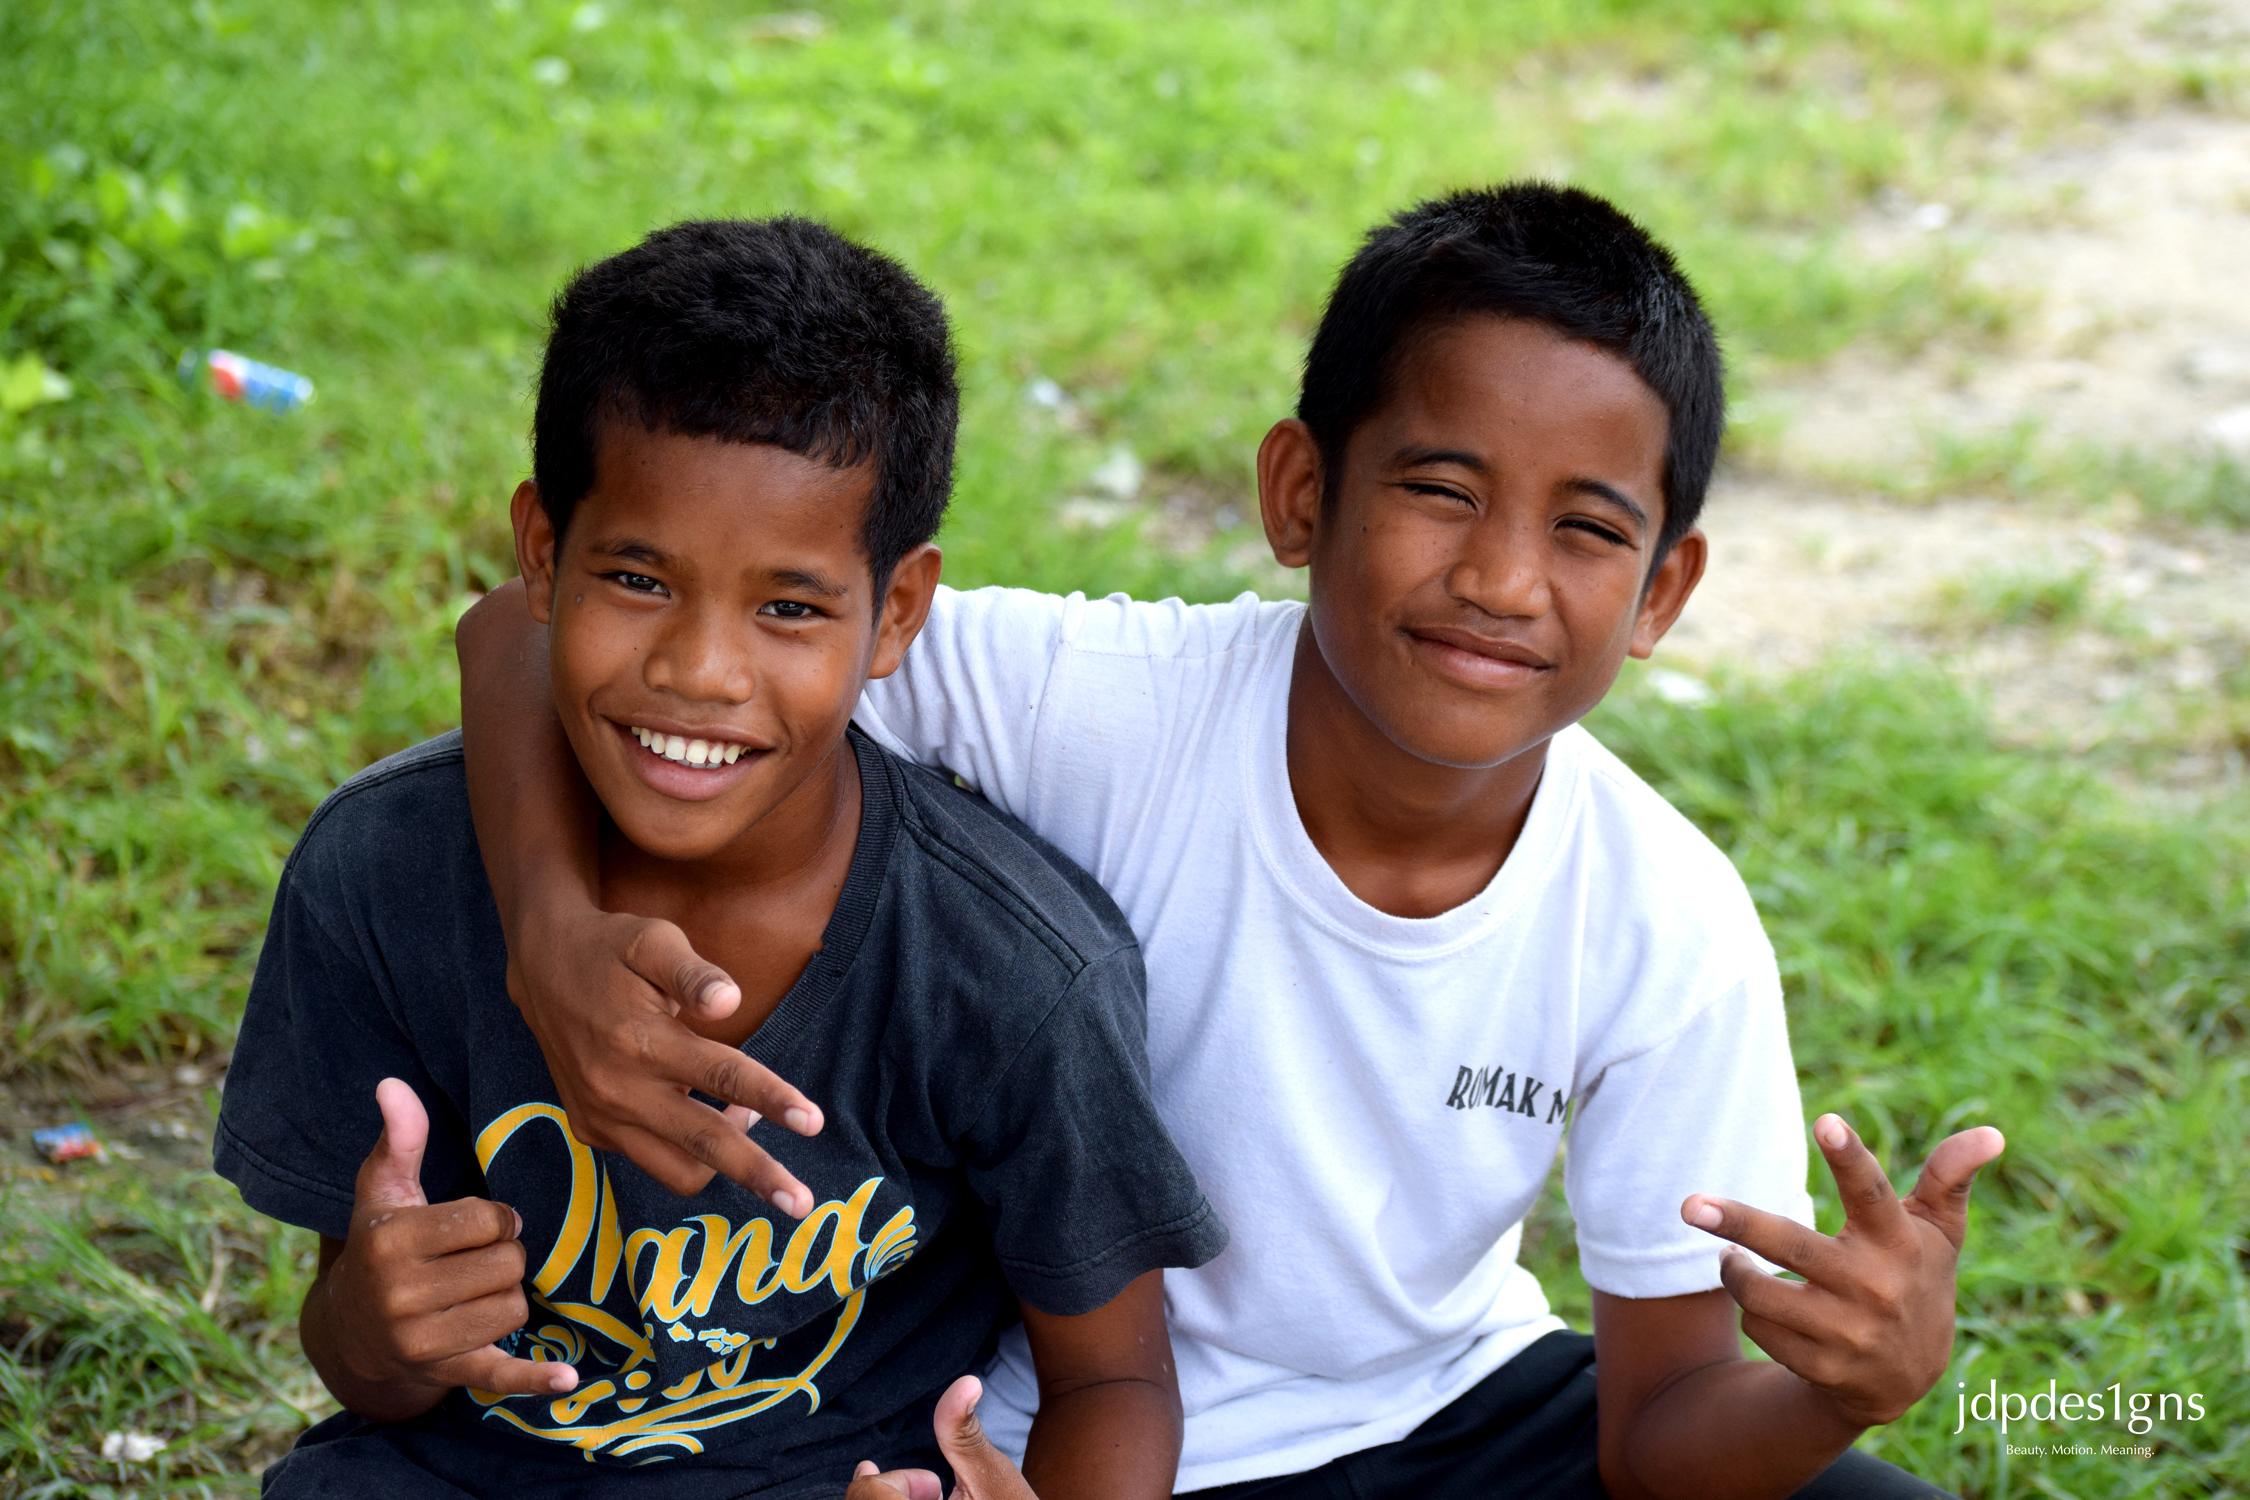 Smiling Boys Pose Resize.jpg